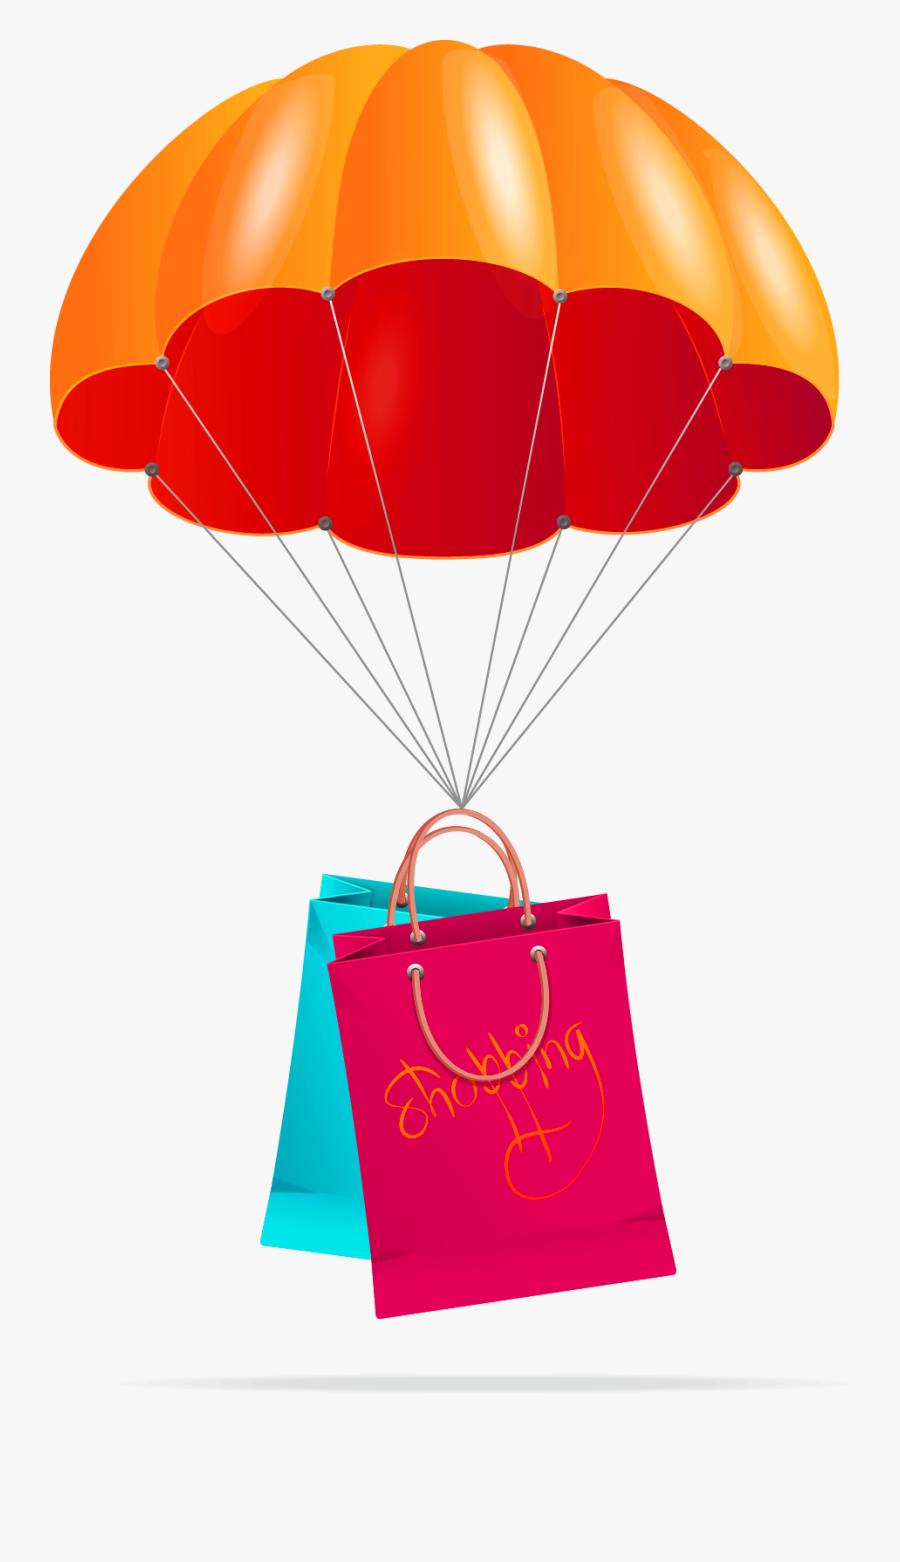 Parachute Clipart Clip Art - 降落傘 卡通, Transparent Clipart